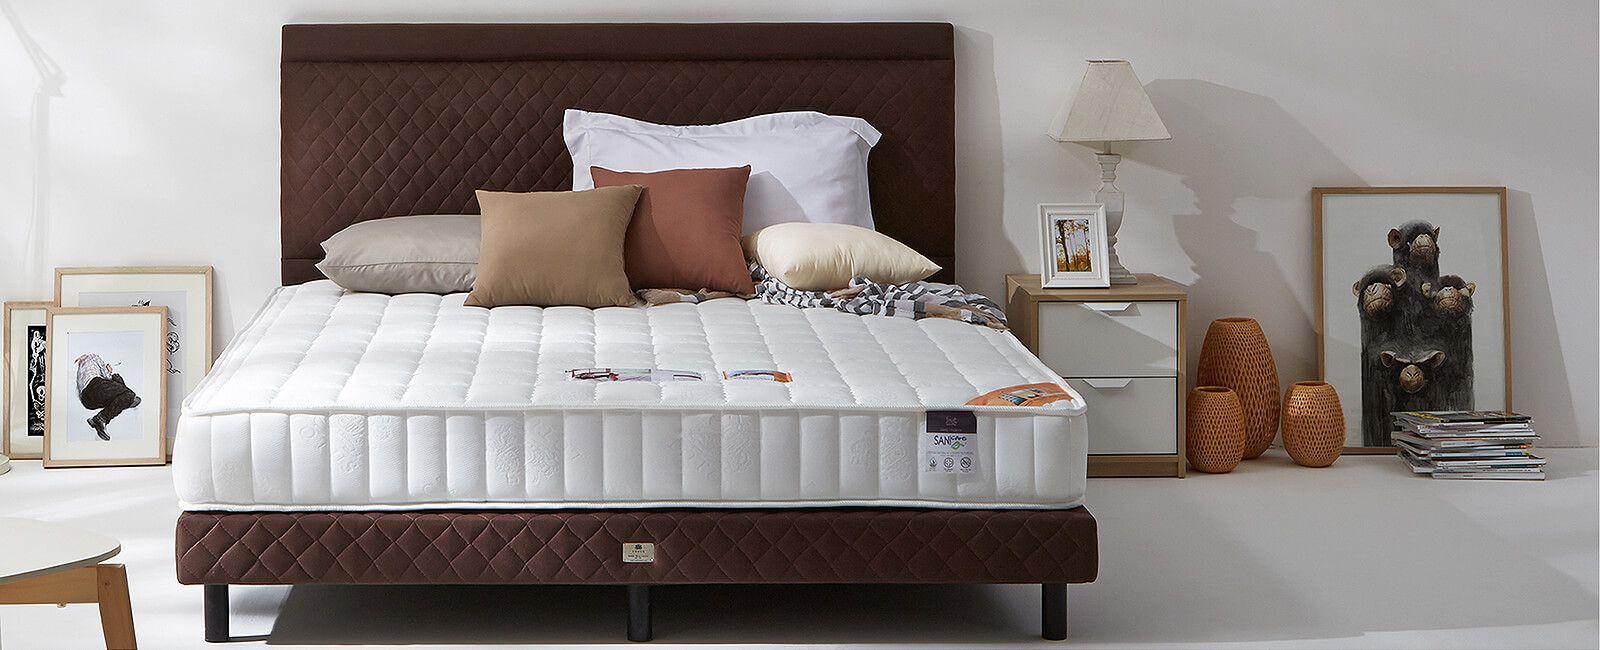 ซื้อที่นอนที่ไหนดี